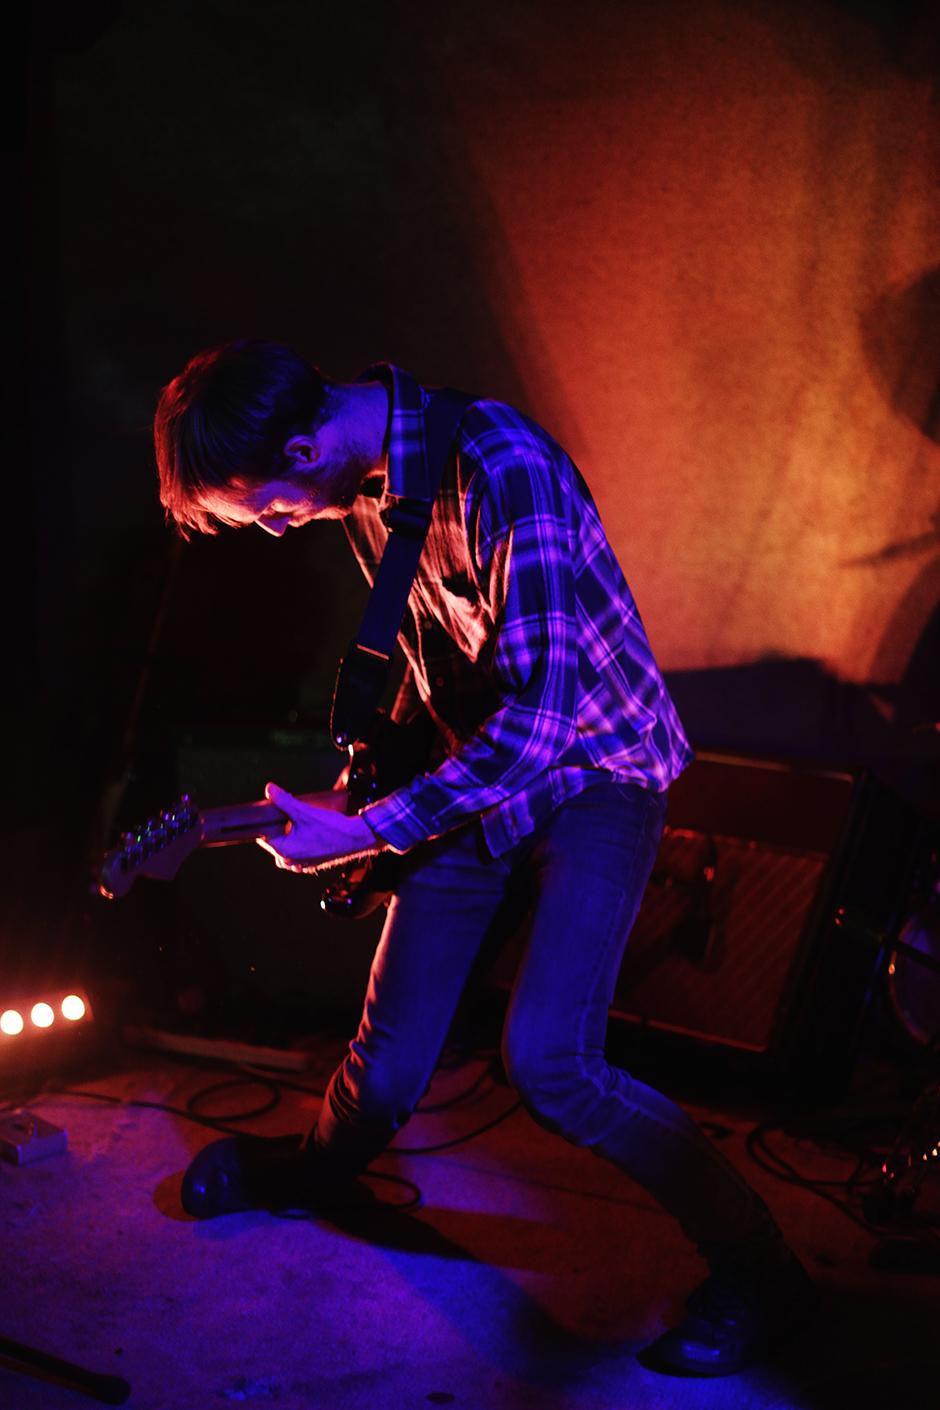 <div class='info-header'>Photographer</div> <a href='http://www.alowhum.com' target='_blank'>Ian Jorgensen (Blink)</a>